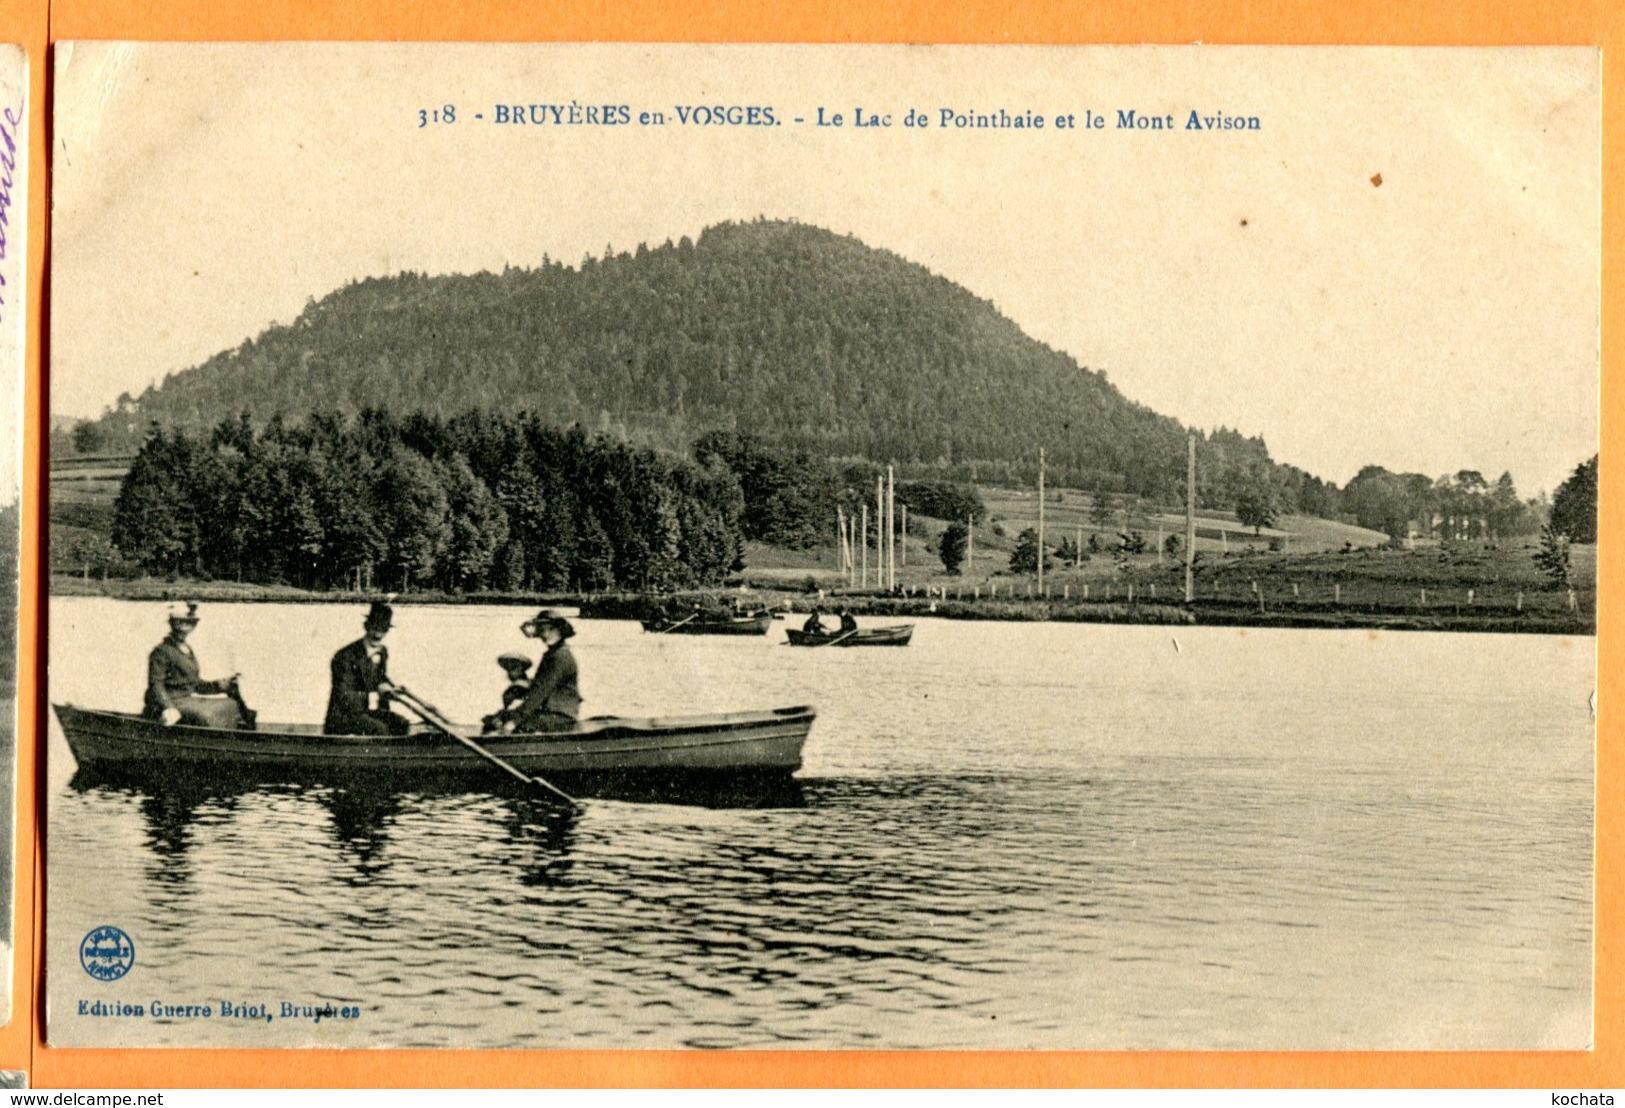 CAL1034, Bruyères En Voges, Le Lac De Pointhaie Et Le Mont Avison, Animée, 318, Circulée 1906 - Bruyeres